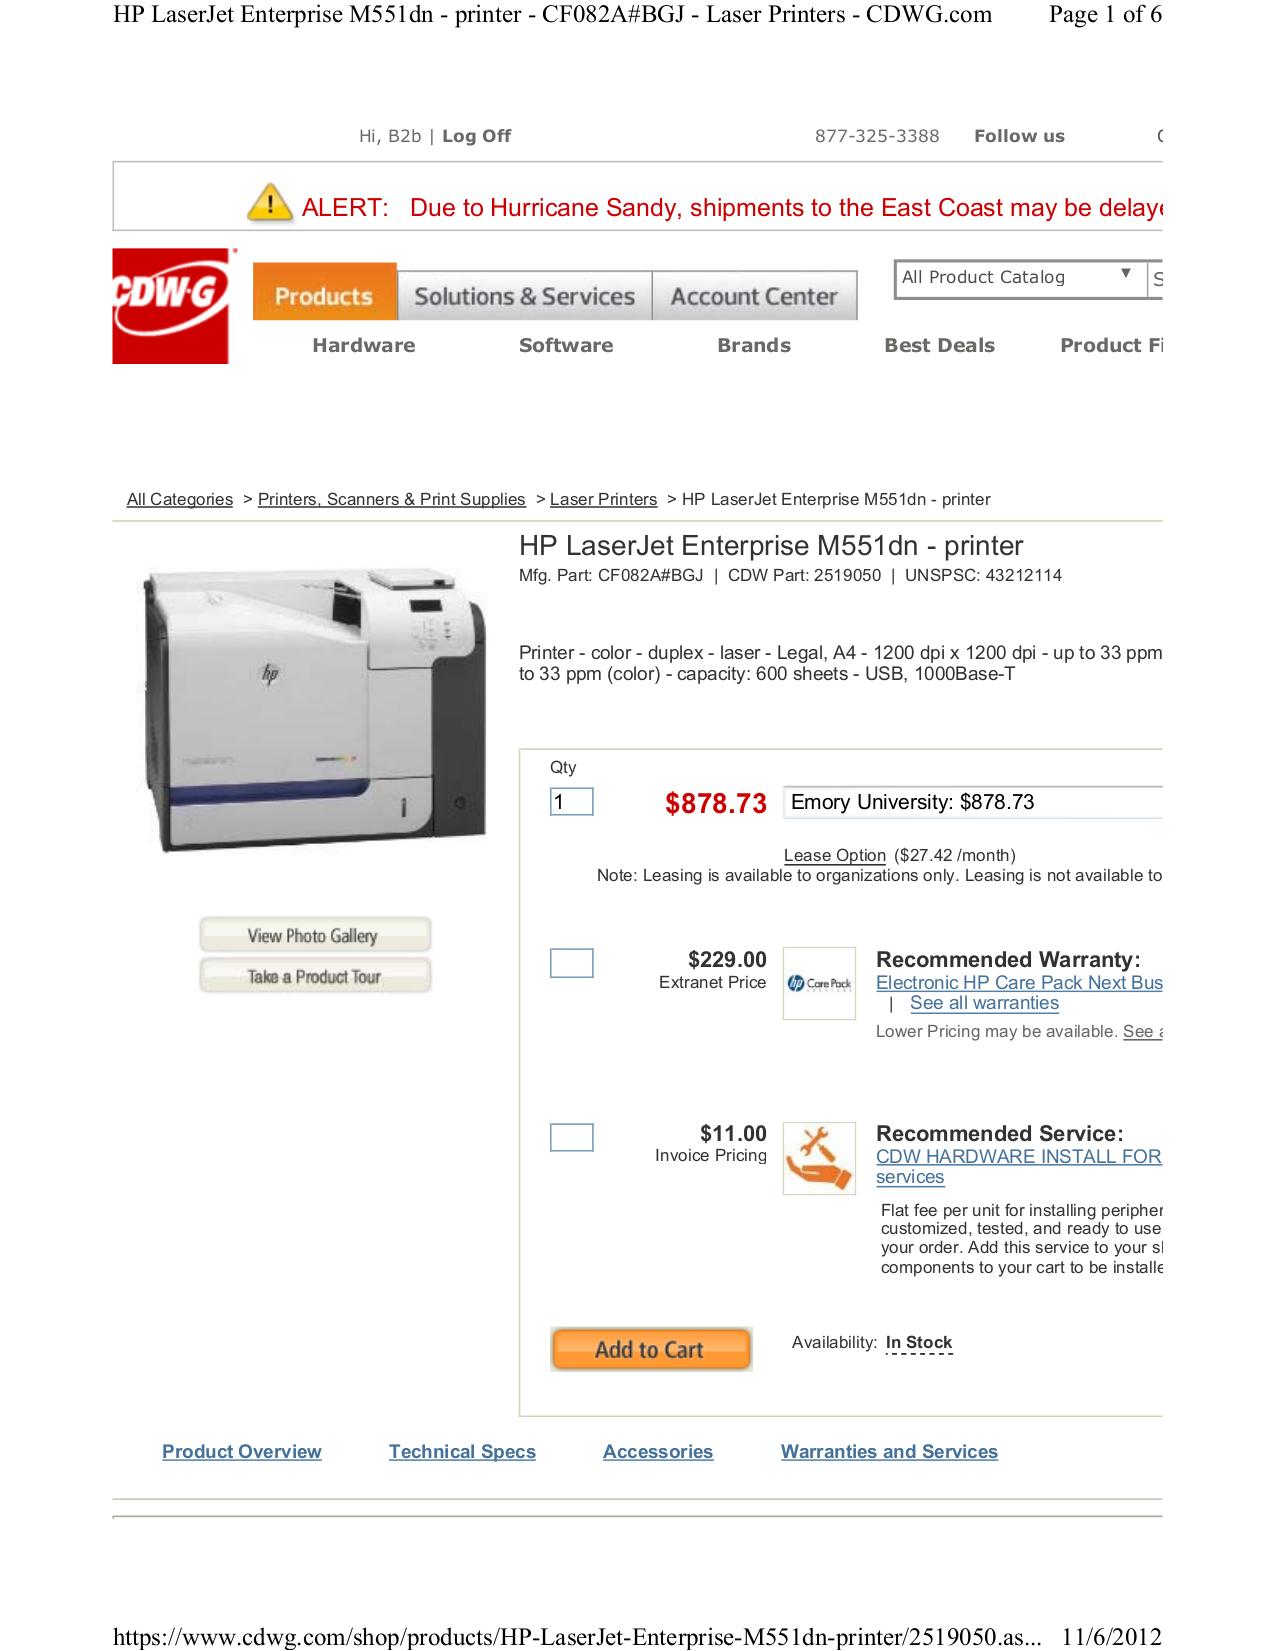 hp laserjet enterprise p3015x printer pdf